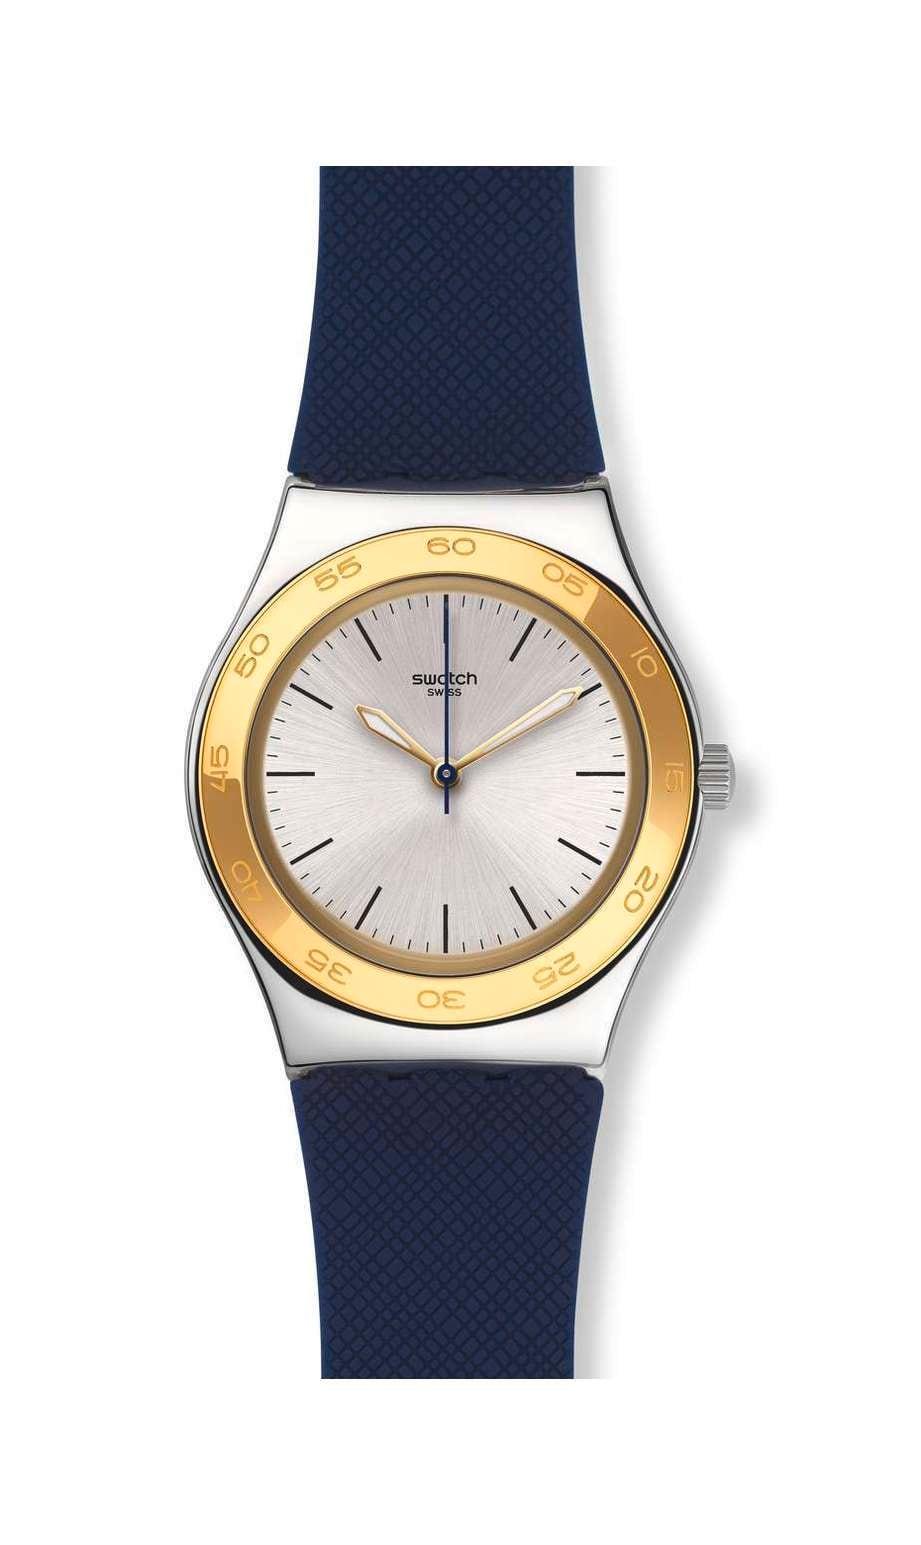 Swatch - BLUE PUSH - 1